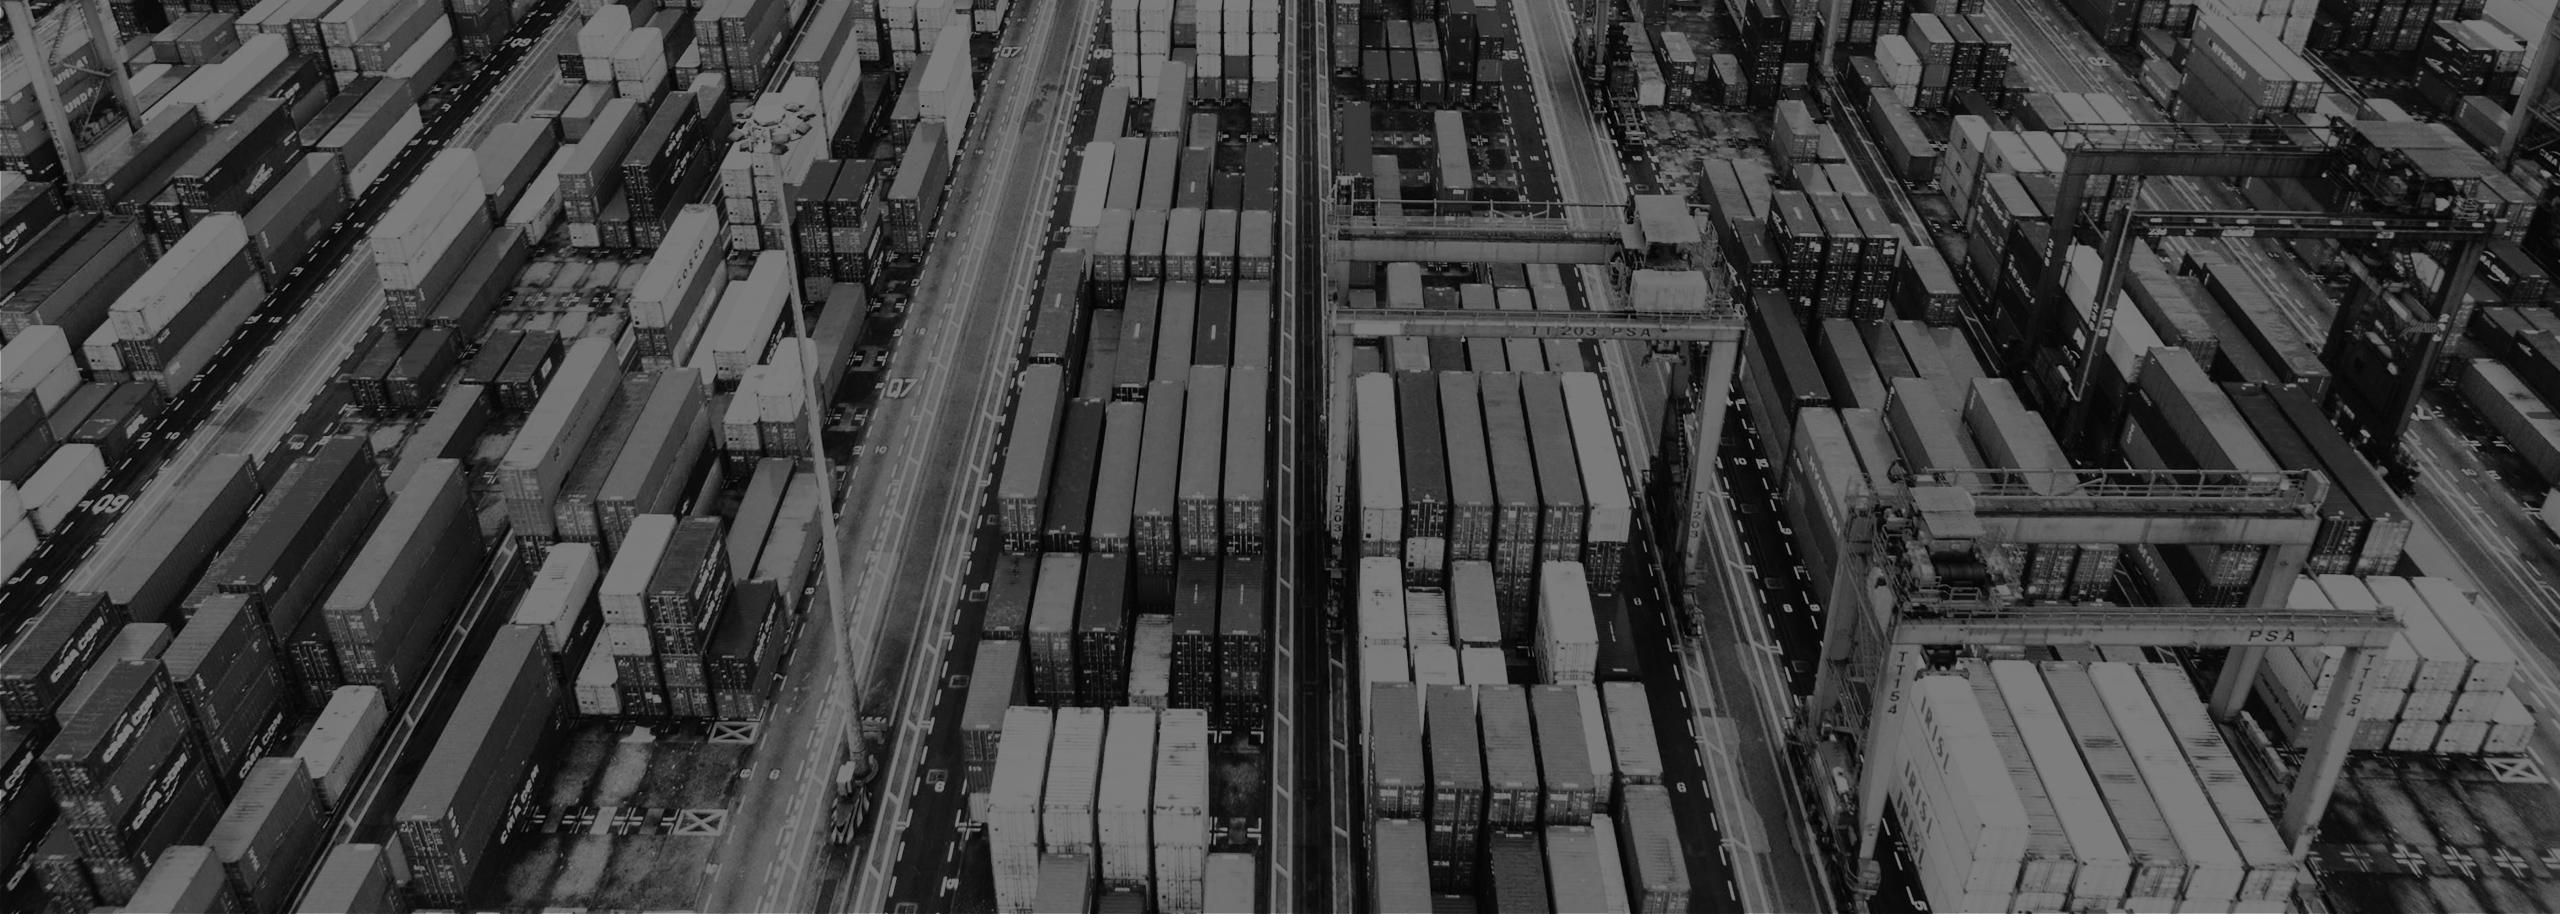 Mazumtirdzniecības un patēriņa preces, tirdzniecība